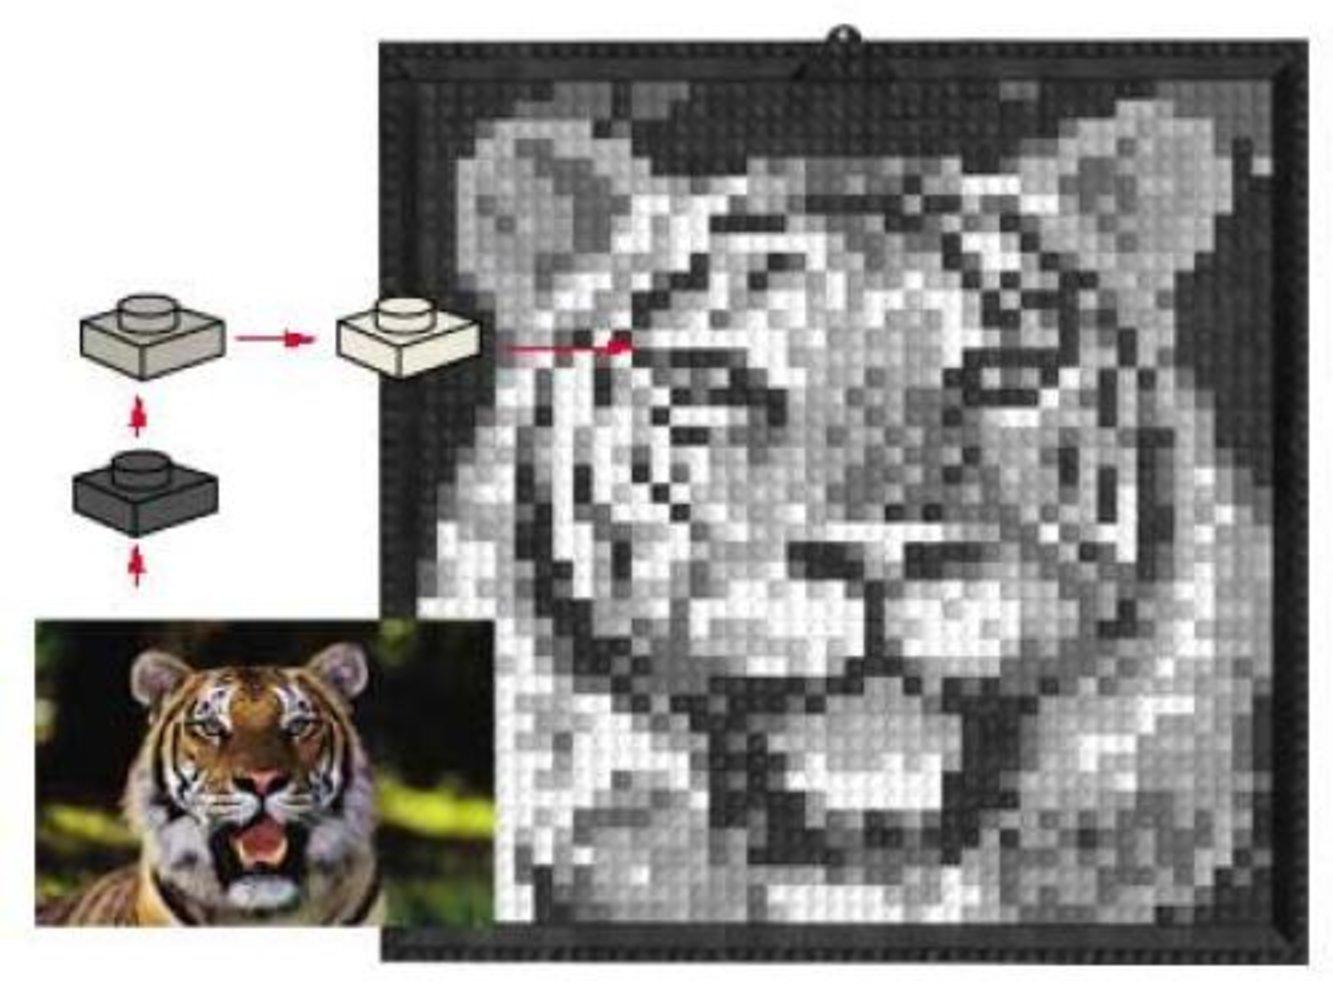 Lego Mosaic Tiger